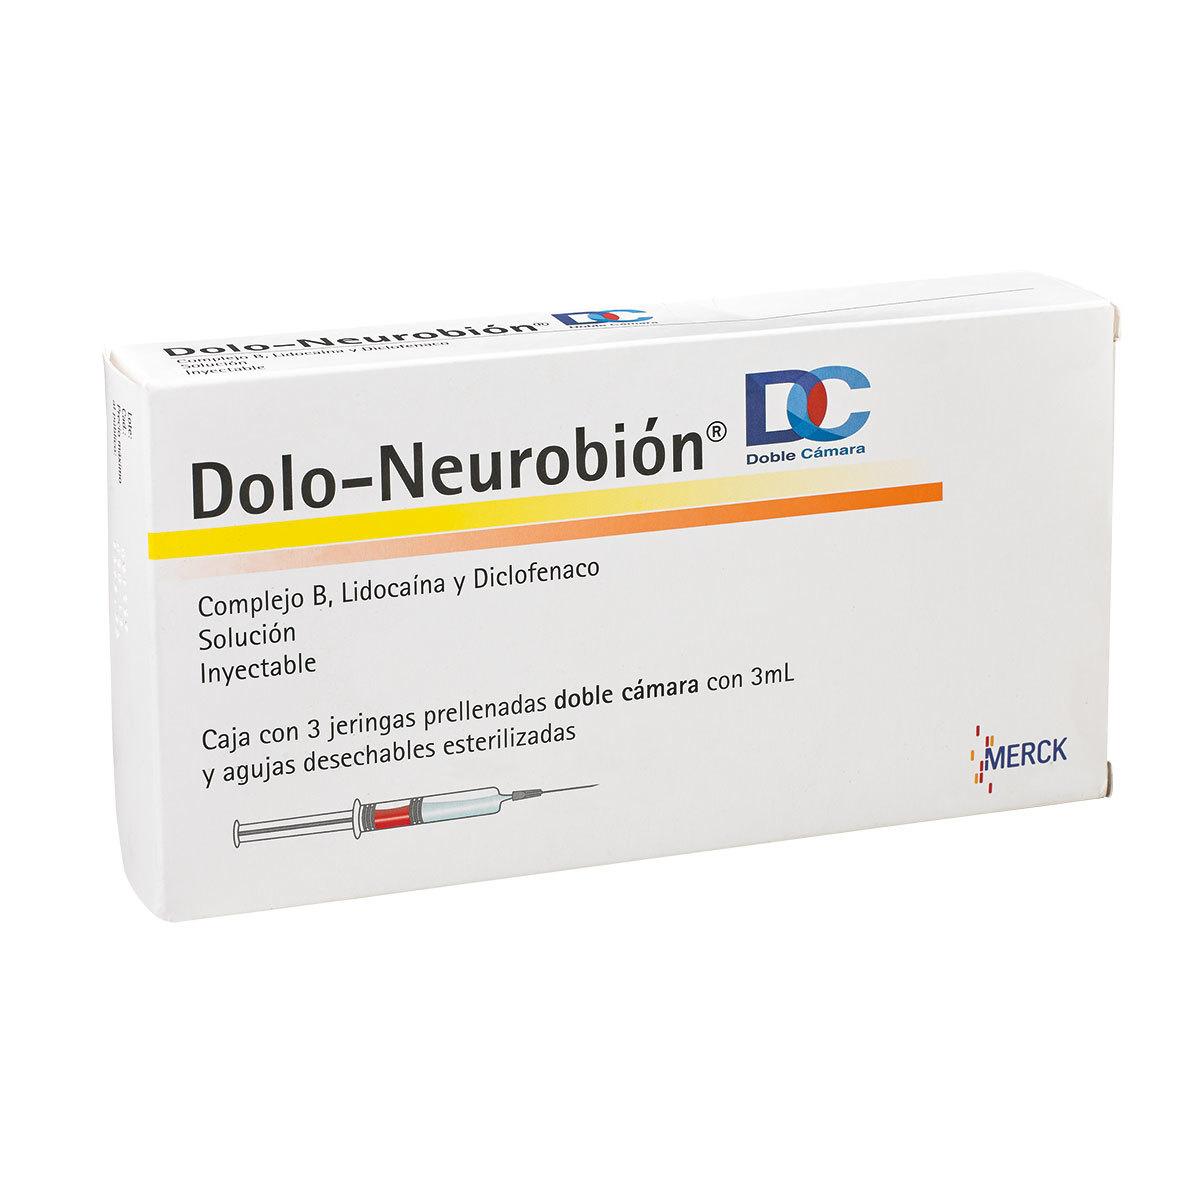 Costco: Dolo-Neurobion DC Inyectable con 3 jeringas prellenadas, 3ml